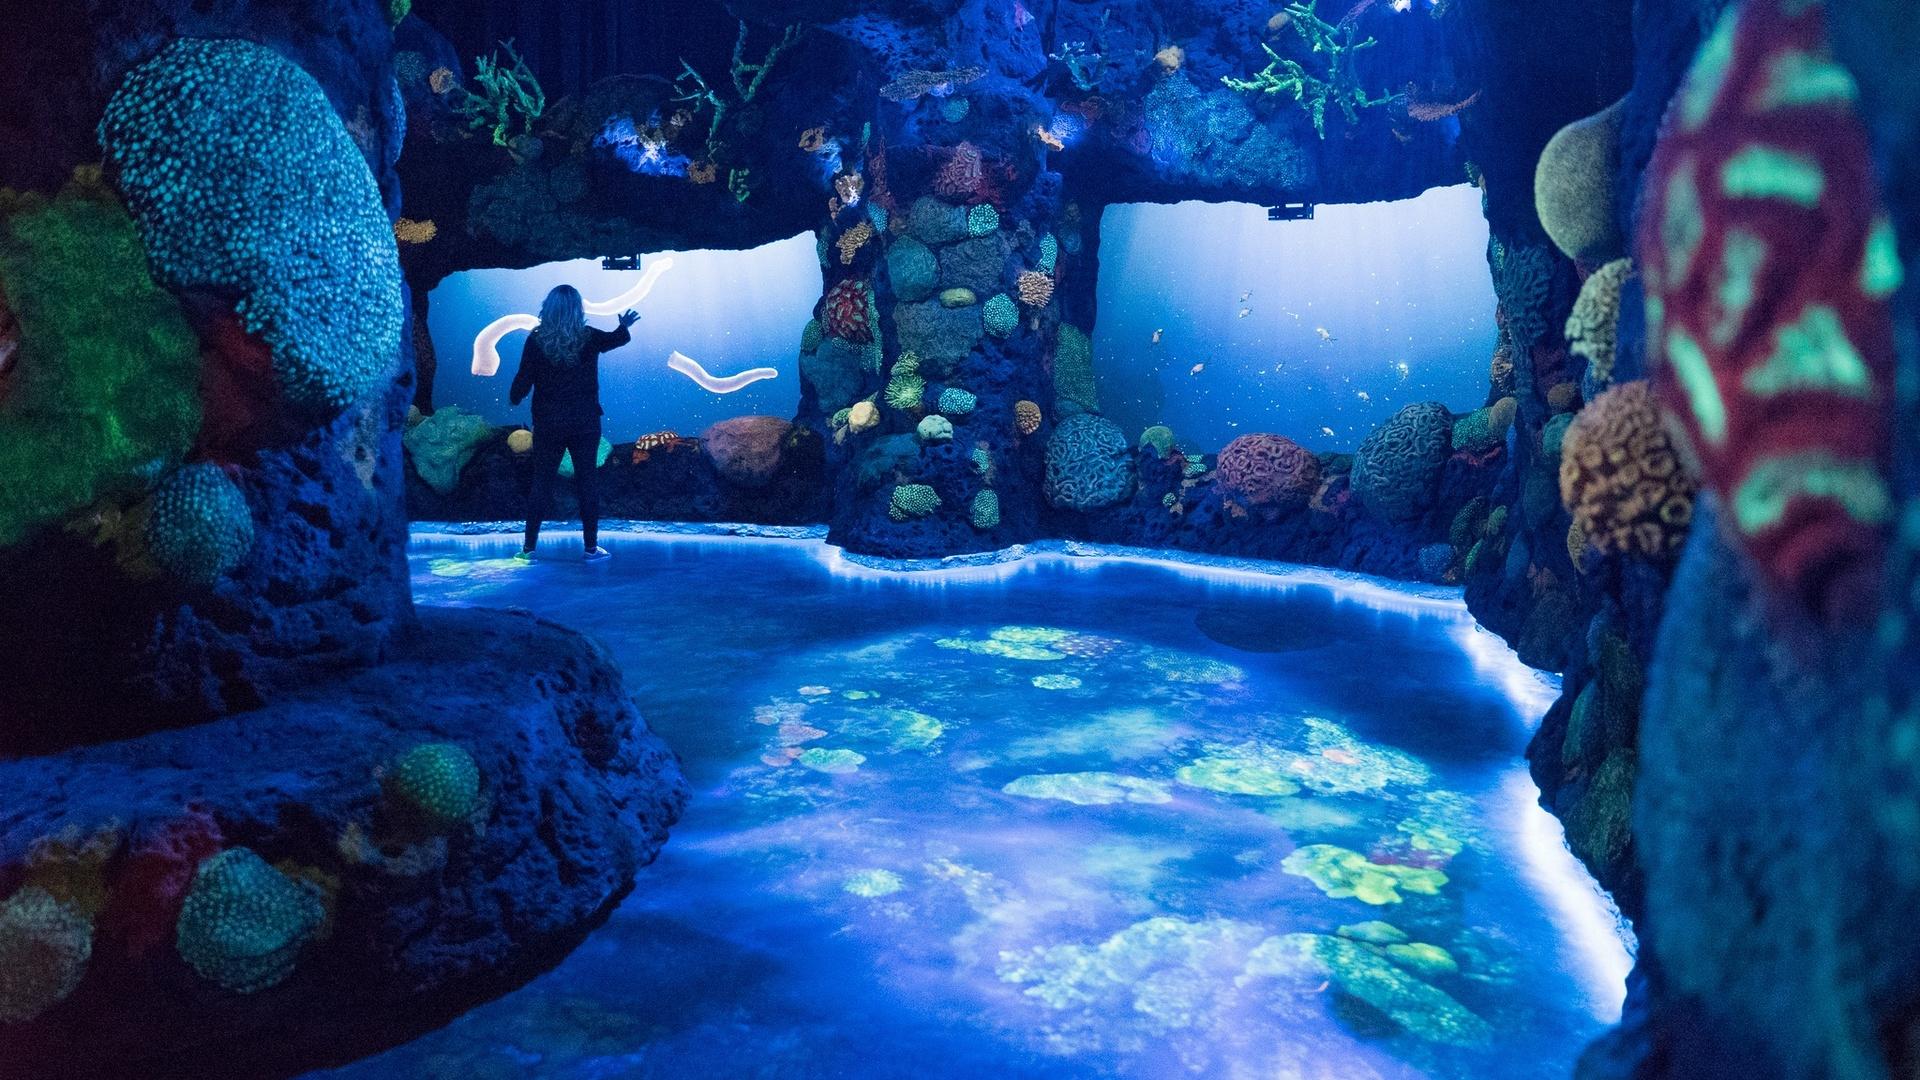 Projeção simula o anoitecer numa barreira de corais no Pacífico